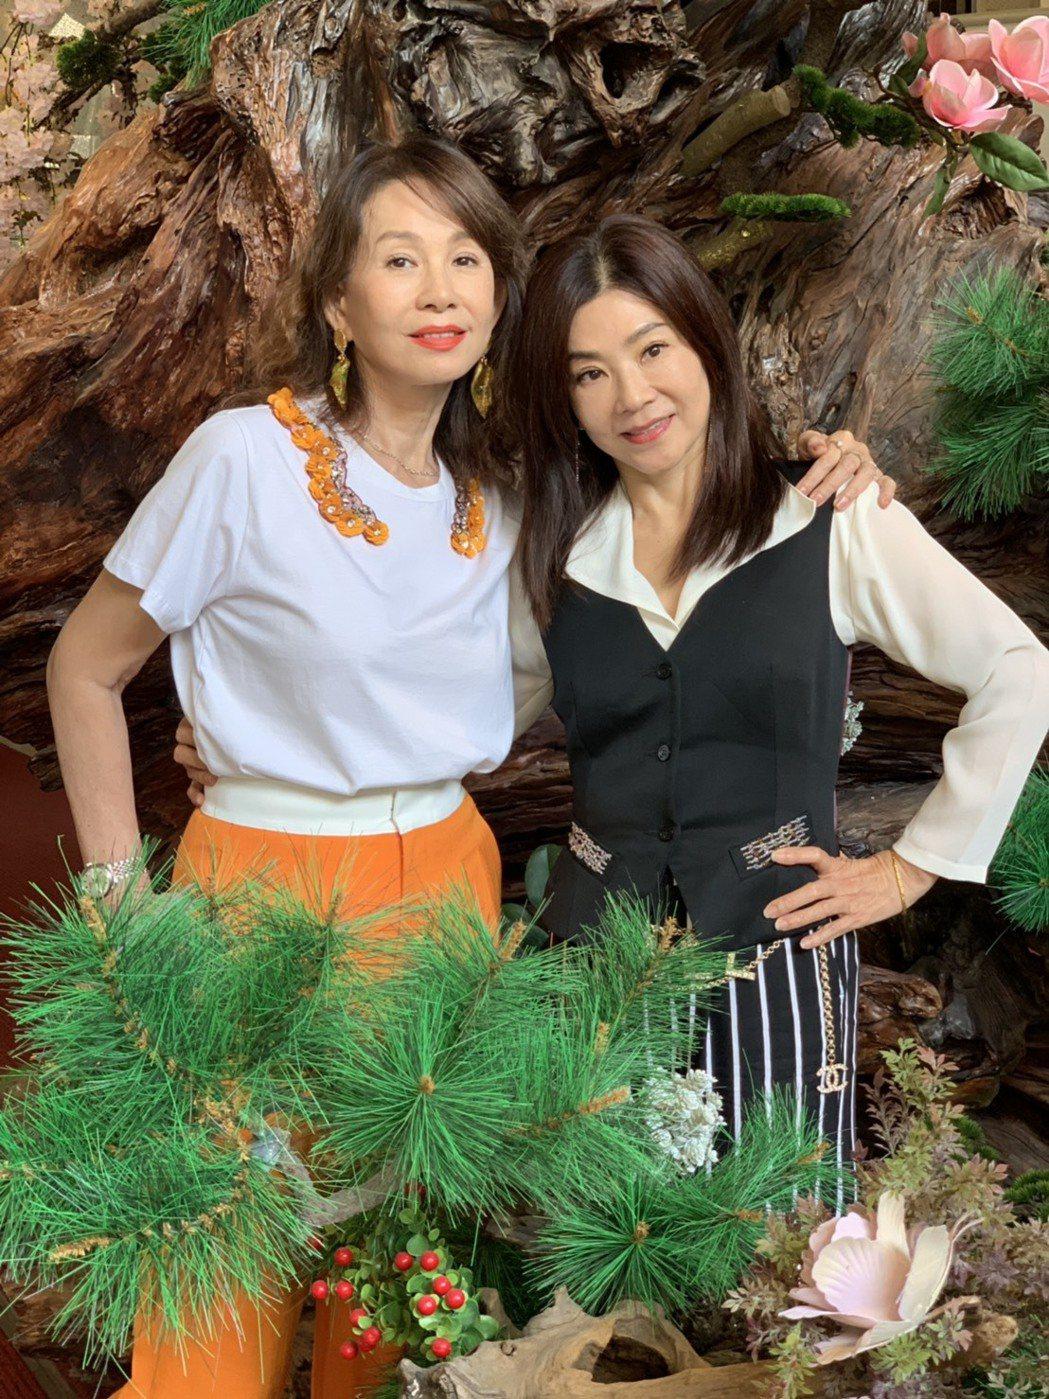 周丹薇(左)、蔣黎麗交情深厚,姐妹久未碰面約聚會。記者陳慧貞/攝影